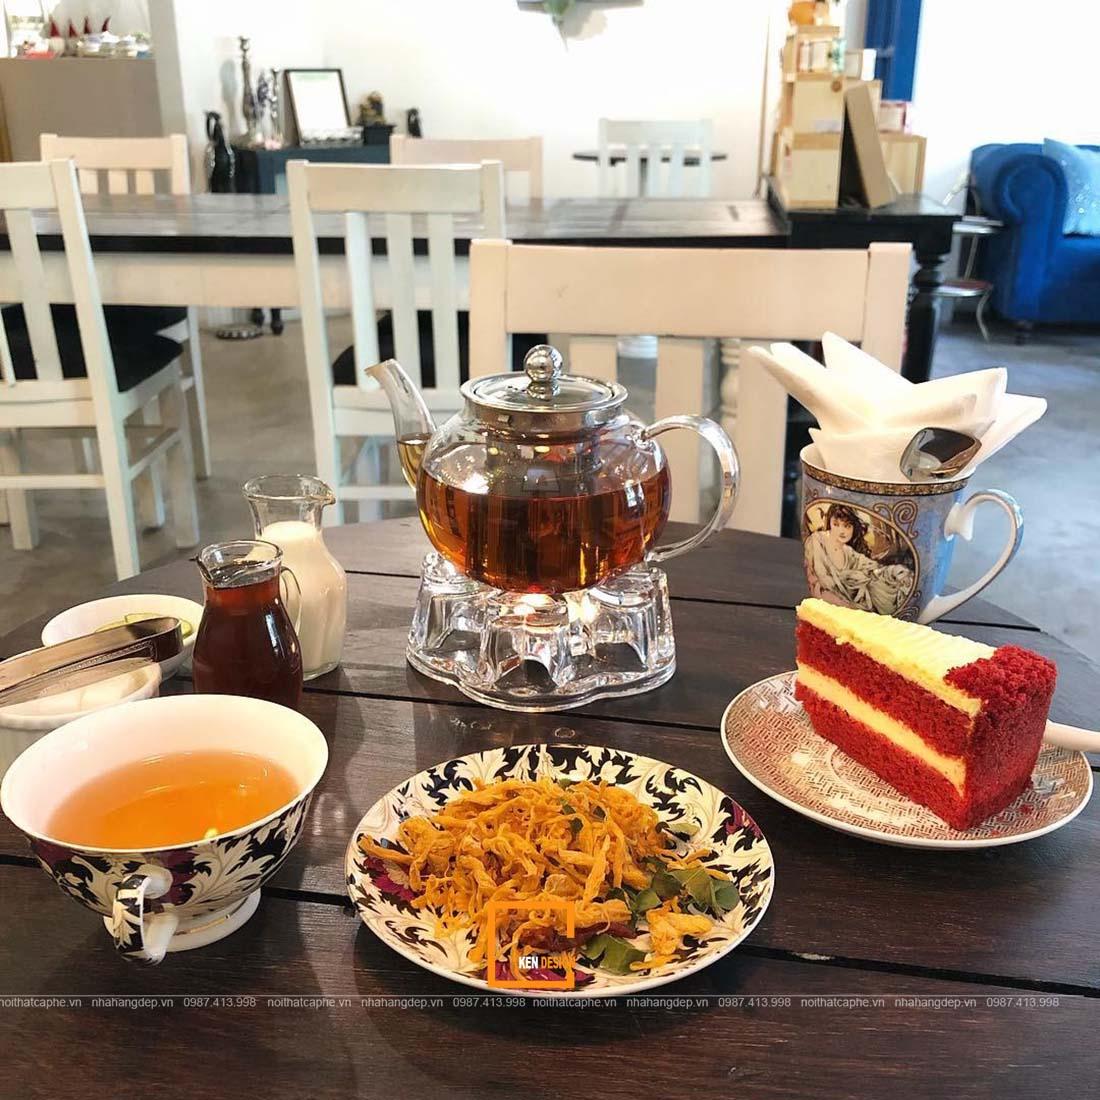 nguyên liệu quán trà bánh